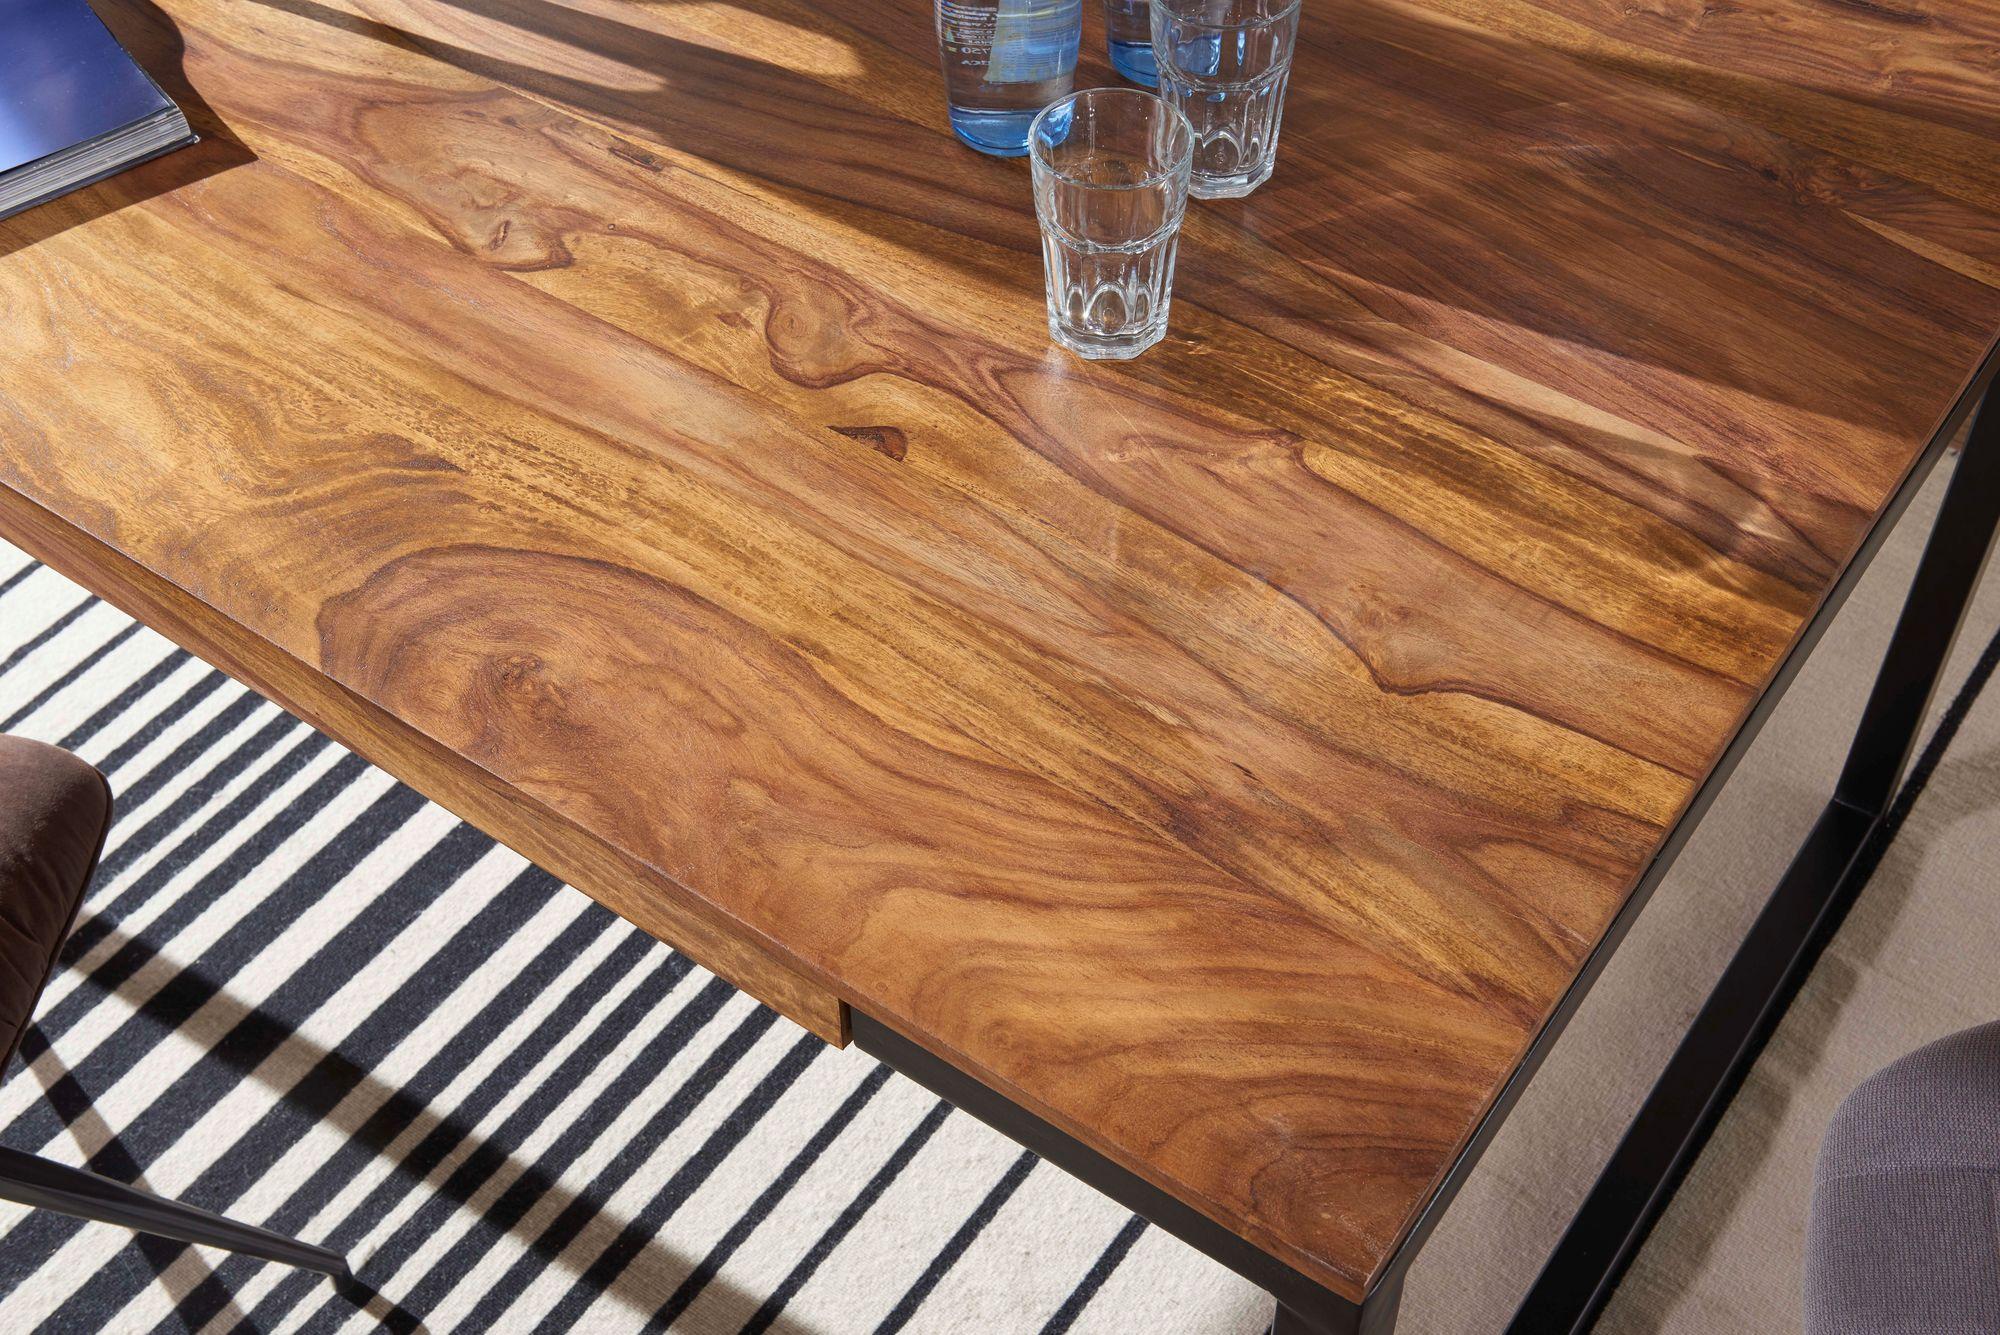 WOHNLING Esstisch 47x47x47 cm GOYAR Sheesham Holztisch mit Metallbeinen   Massiver Esszimmertisch Braun / Schwarz  Großer Tisch Echtholz / Metall